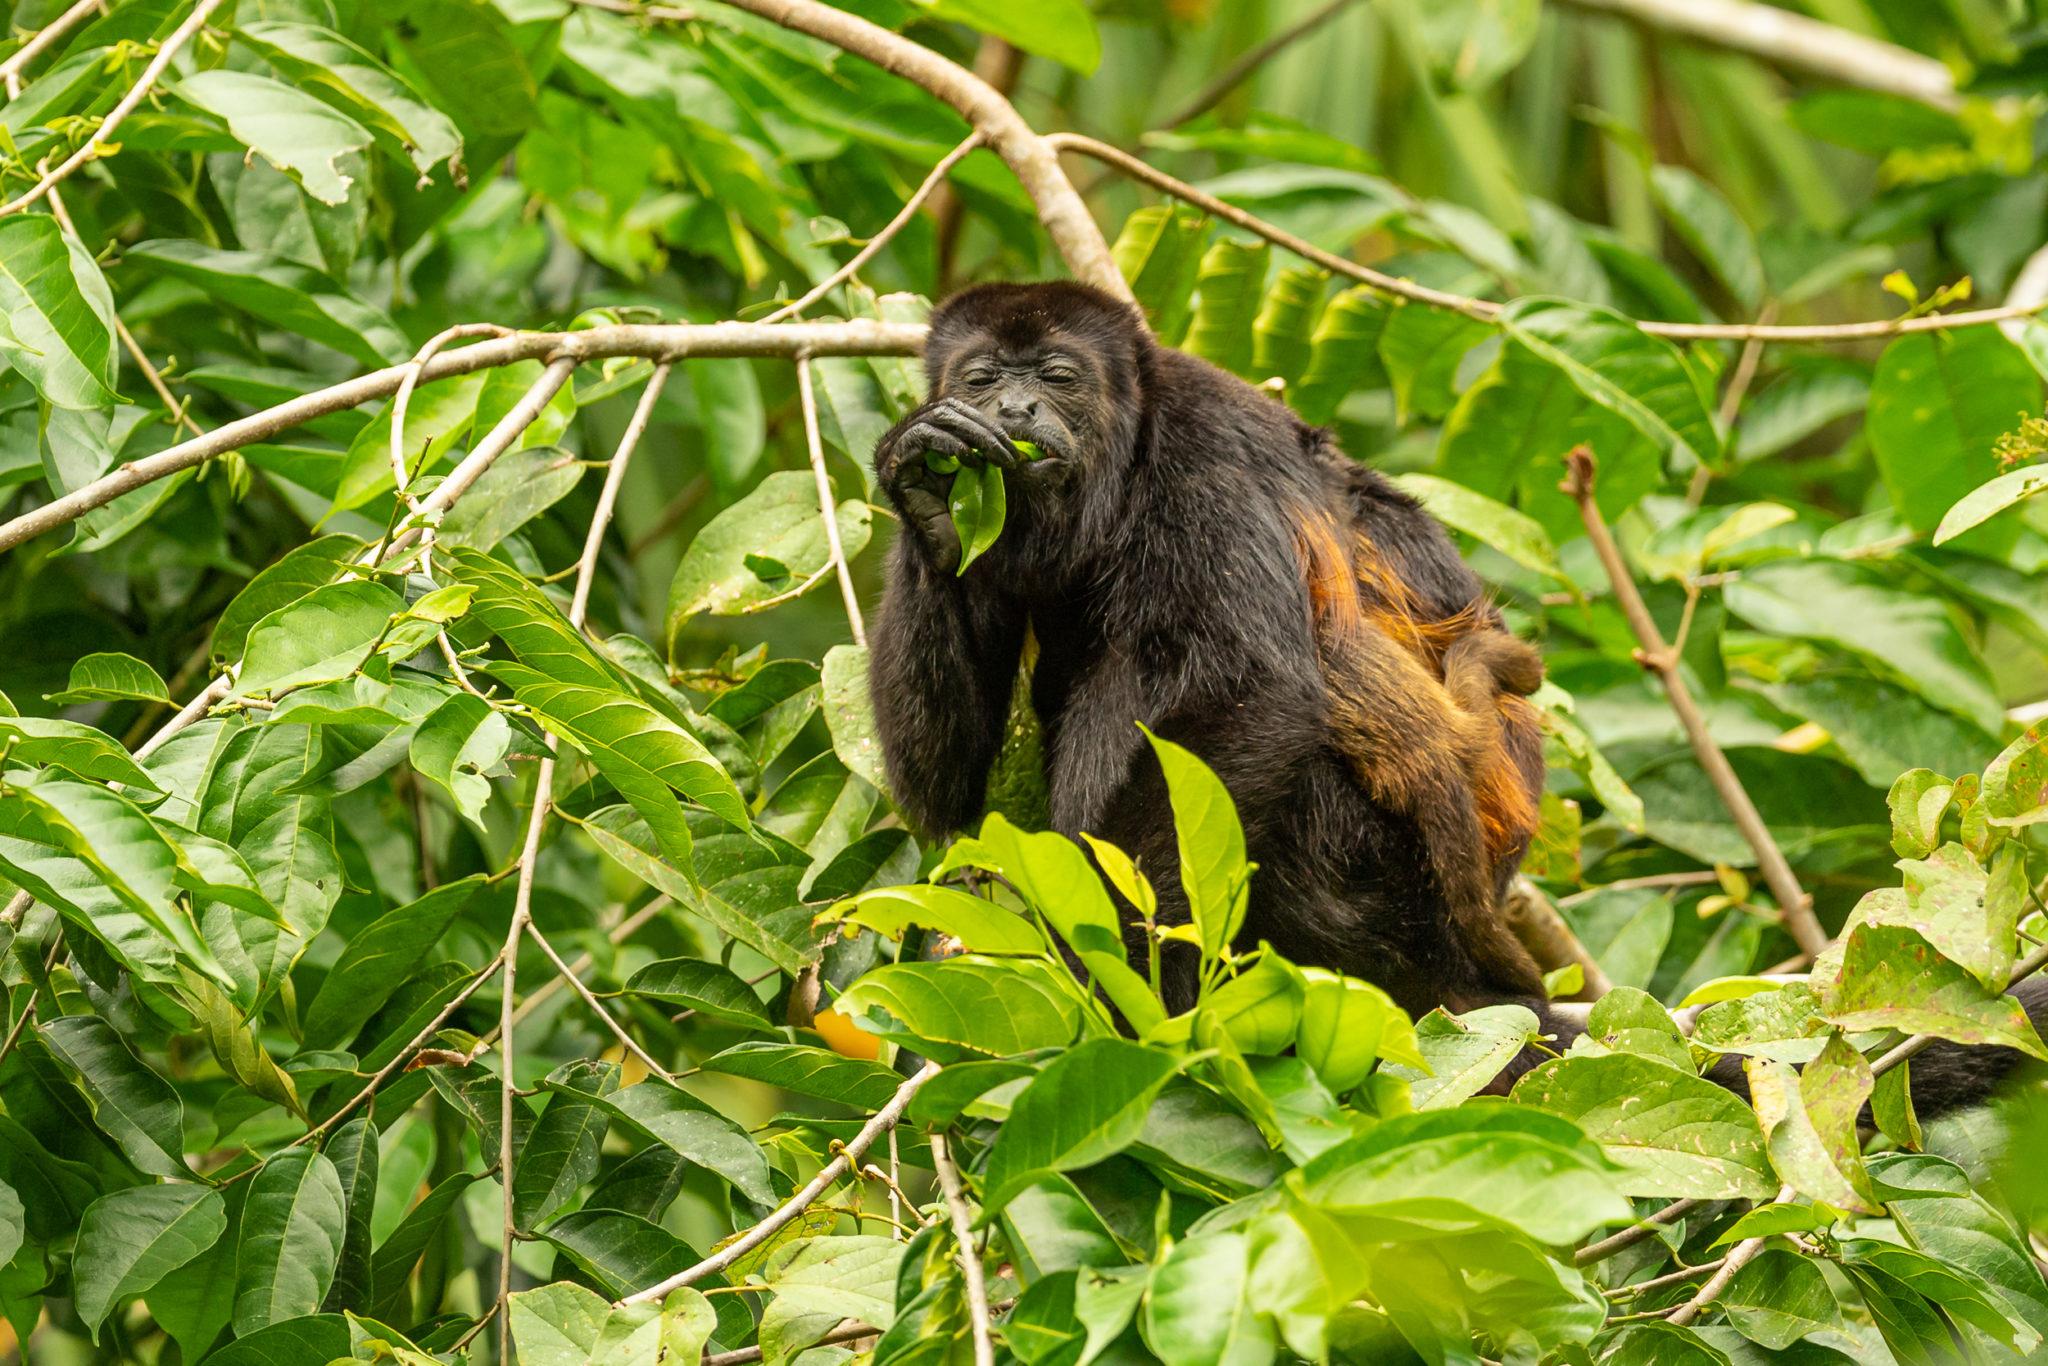 Brüllafenmutti (Alouatta) mit Baby beim Fressen im Regenwald von Costa Rica, Naturfotografie Olaf & Sylvia Rentzsch